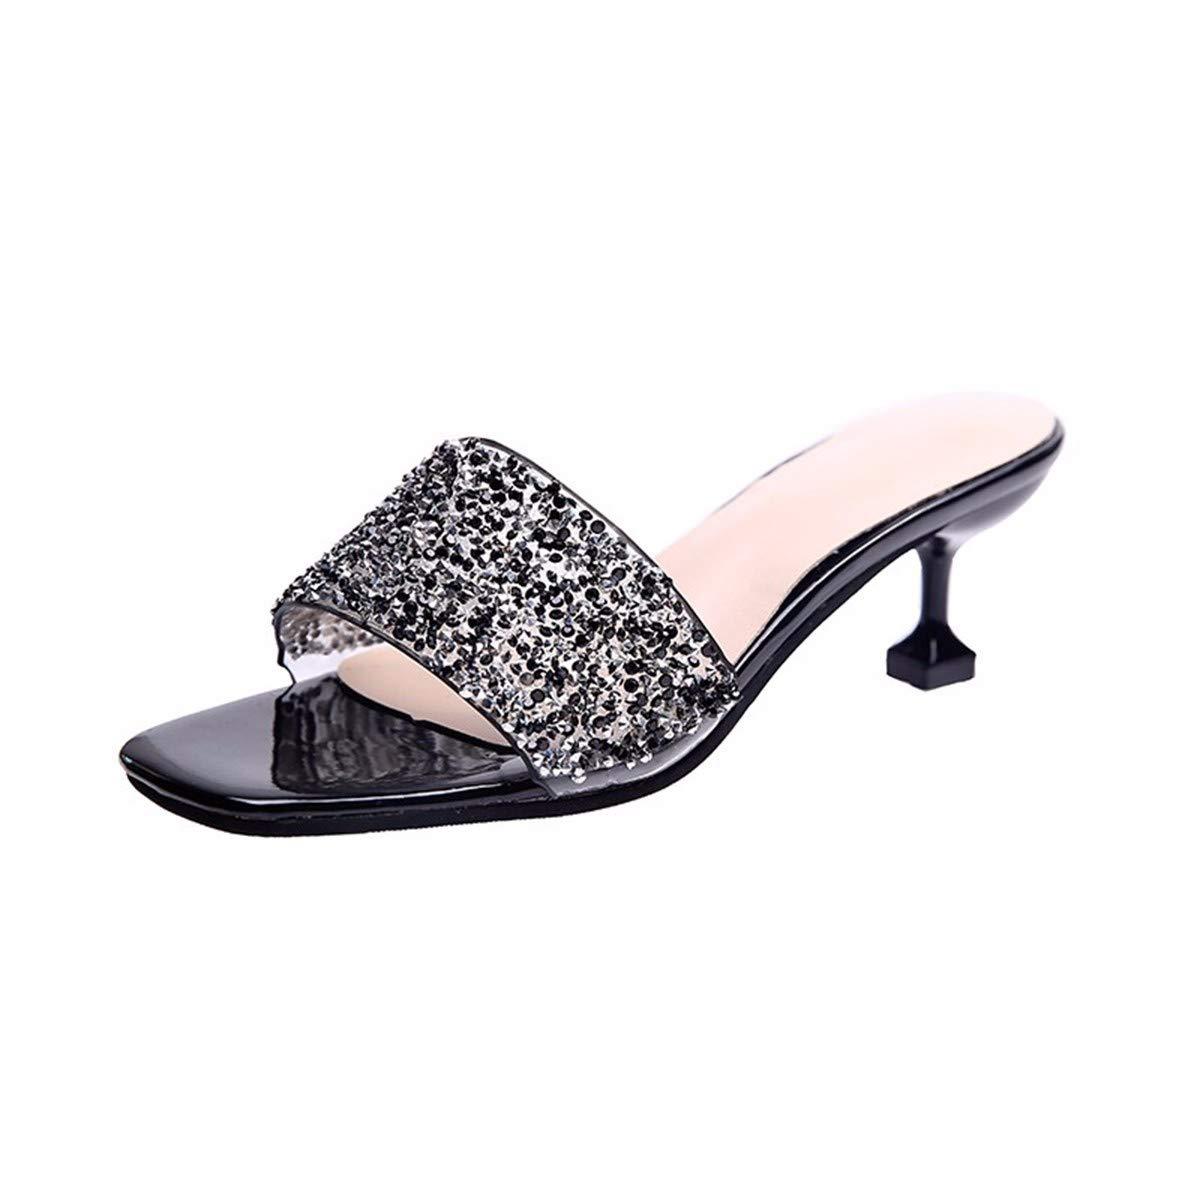 GTVERNH Damenschuhe/Mode/Pantoffeln Sind Überall mit Frauen in der Mitte Frauen mit Dünnen Worten Ein Wort Bohrer und Sexy Zehen.